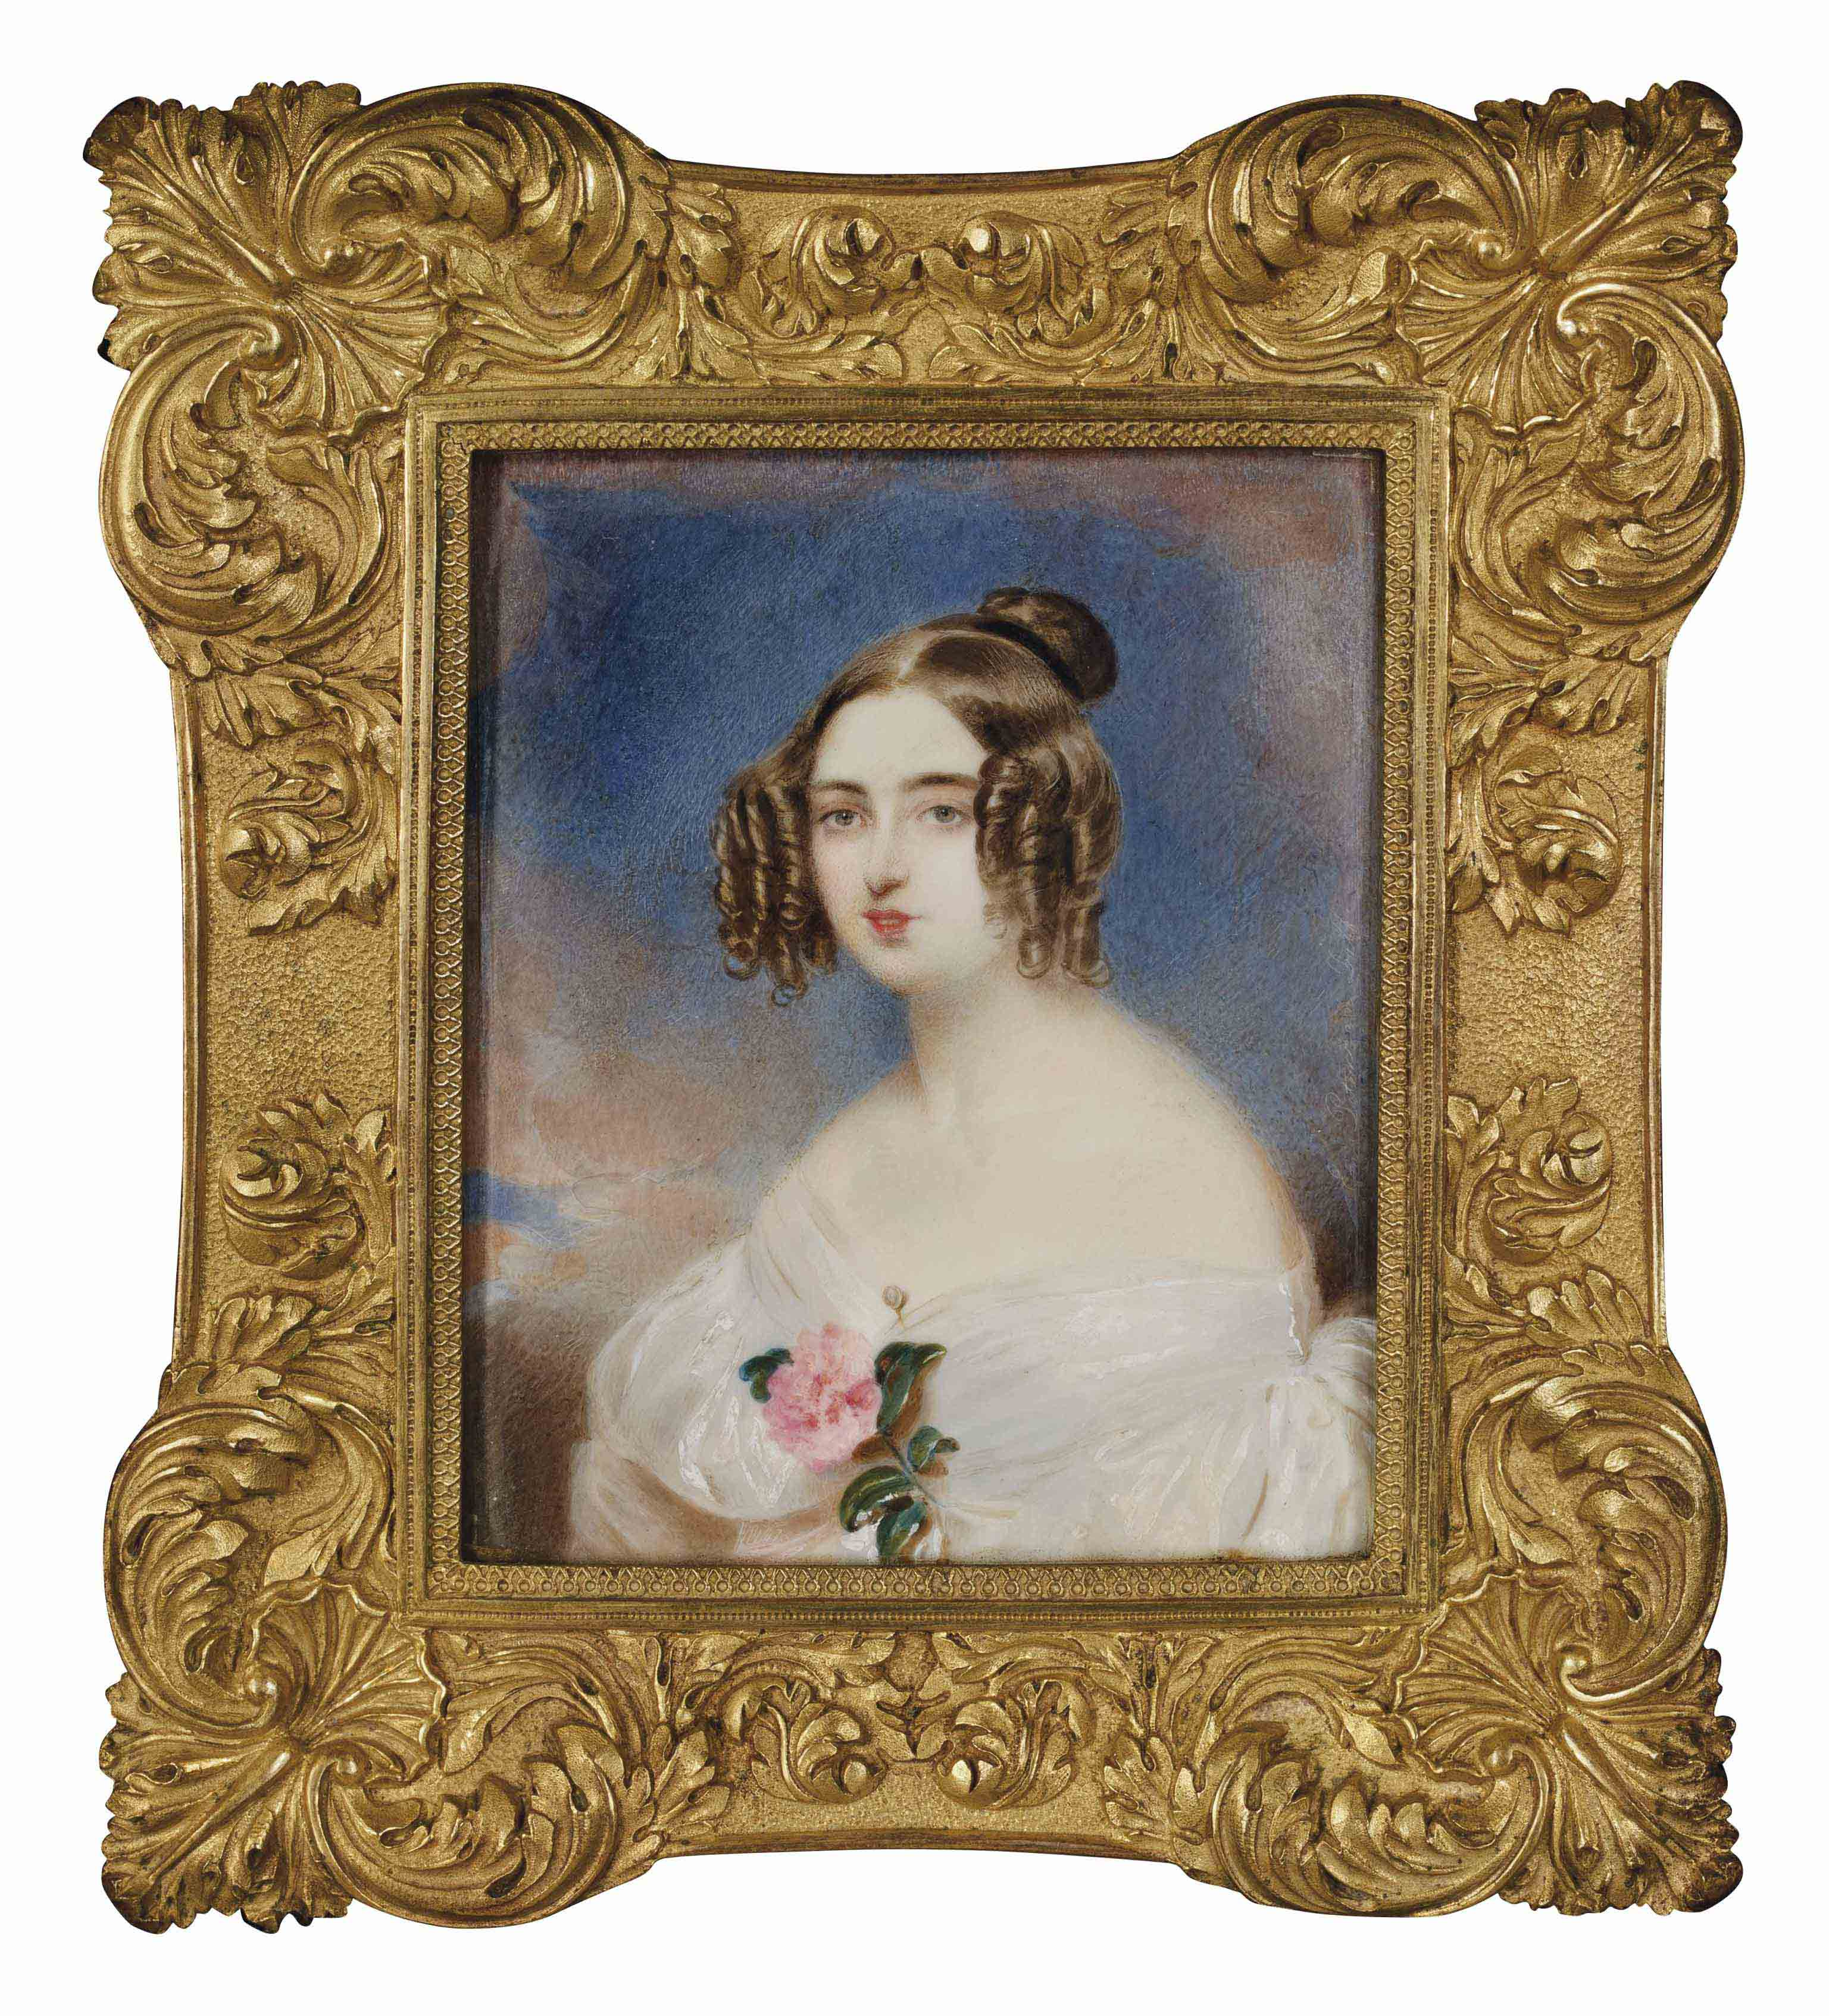 Portrait de femme en robe blanche ornée d'une rose, coiffée d'anglaises dans un cadre en bois doré et ciselé